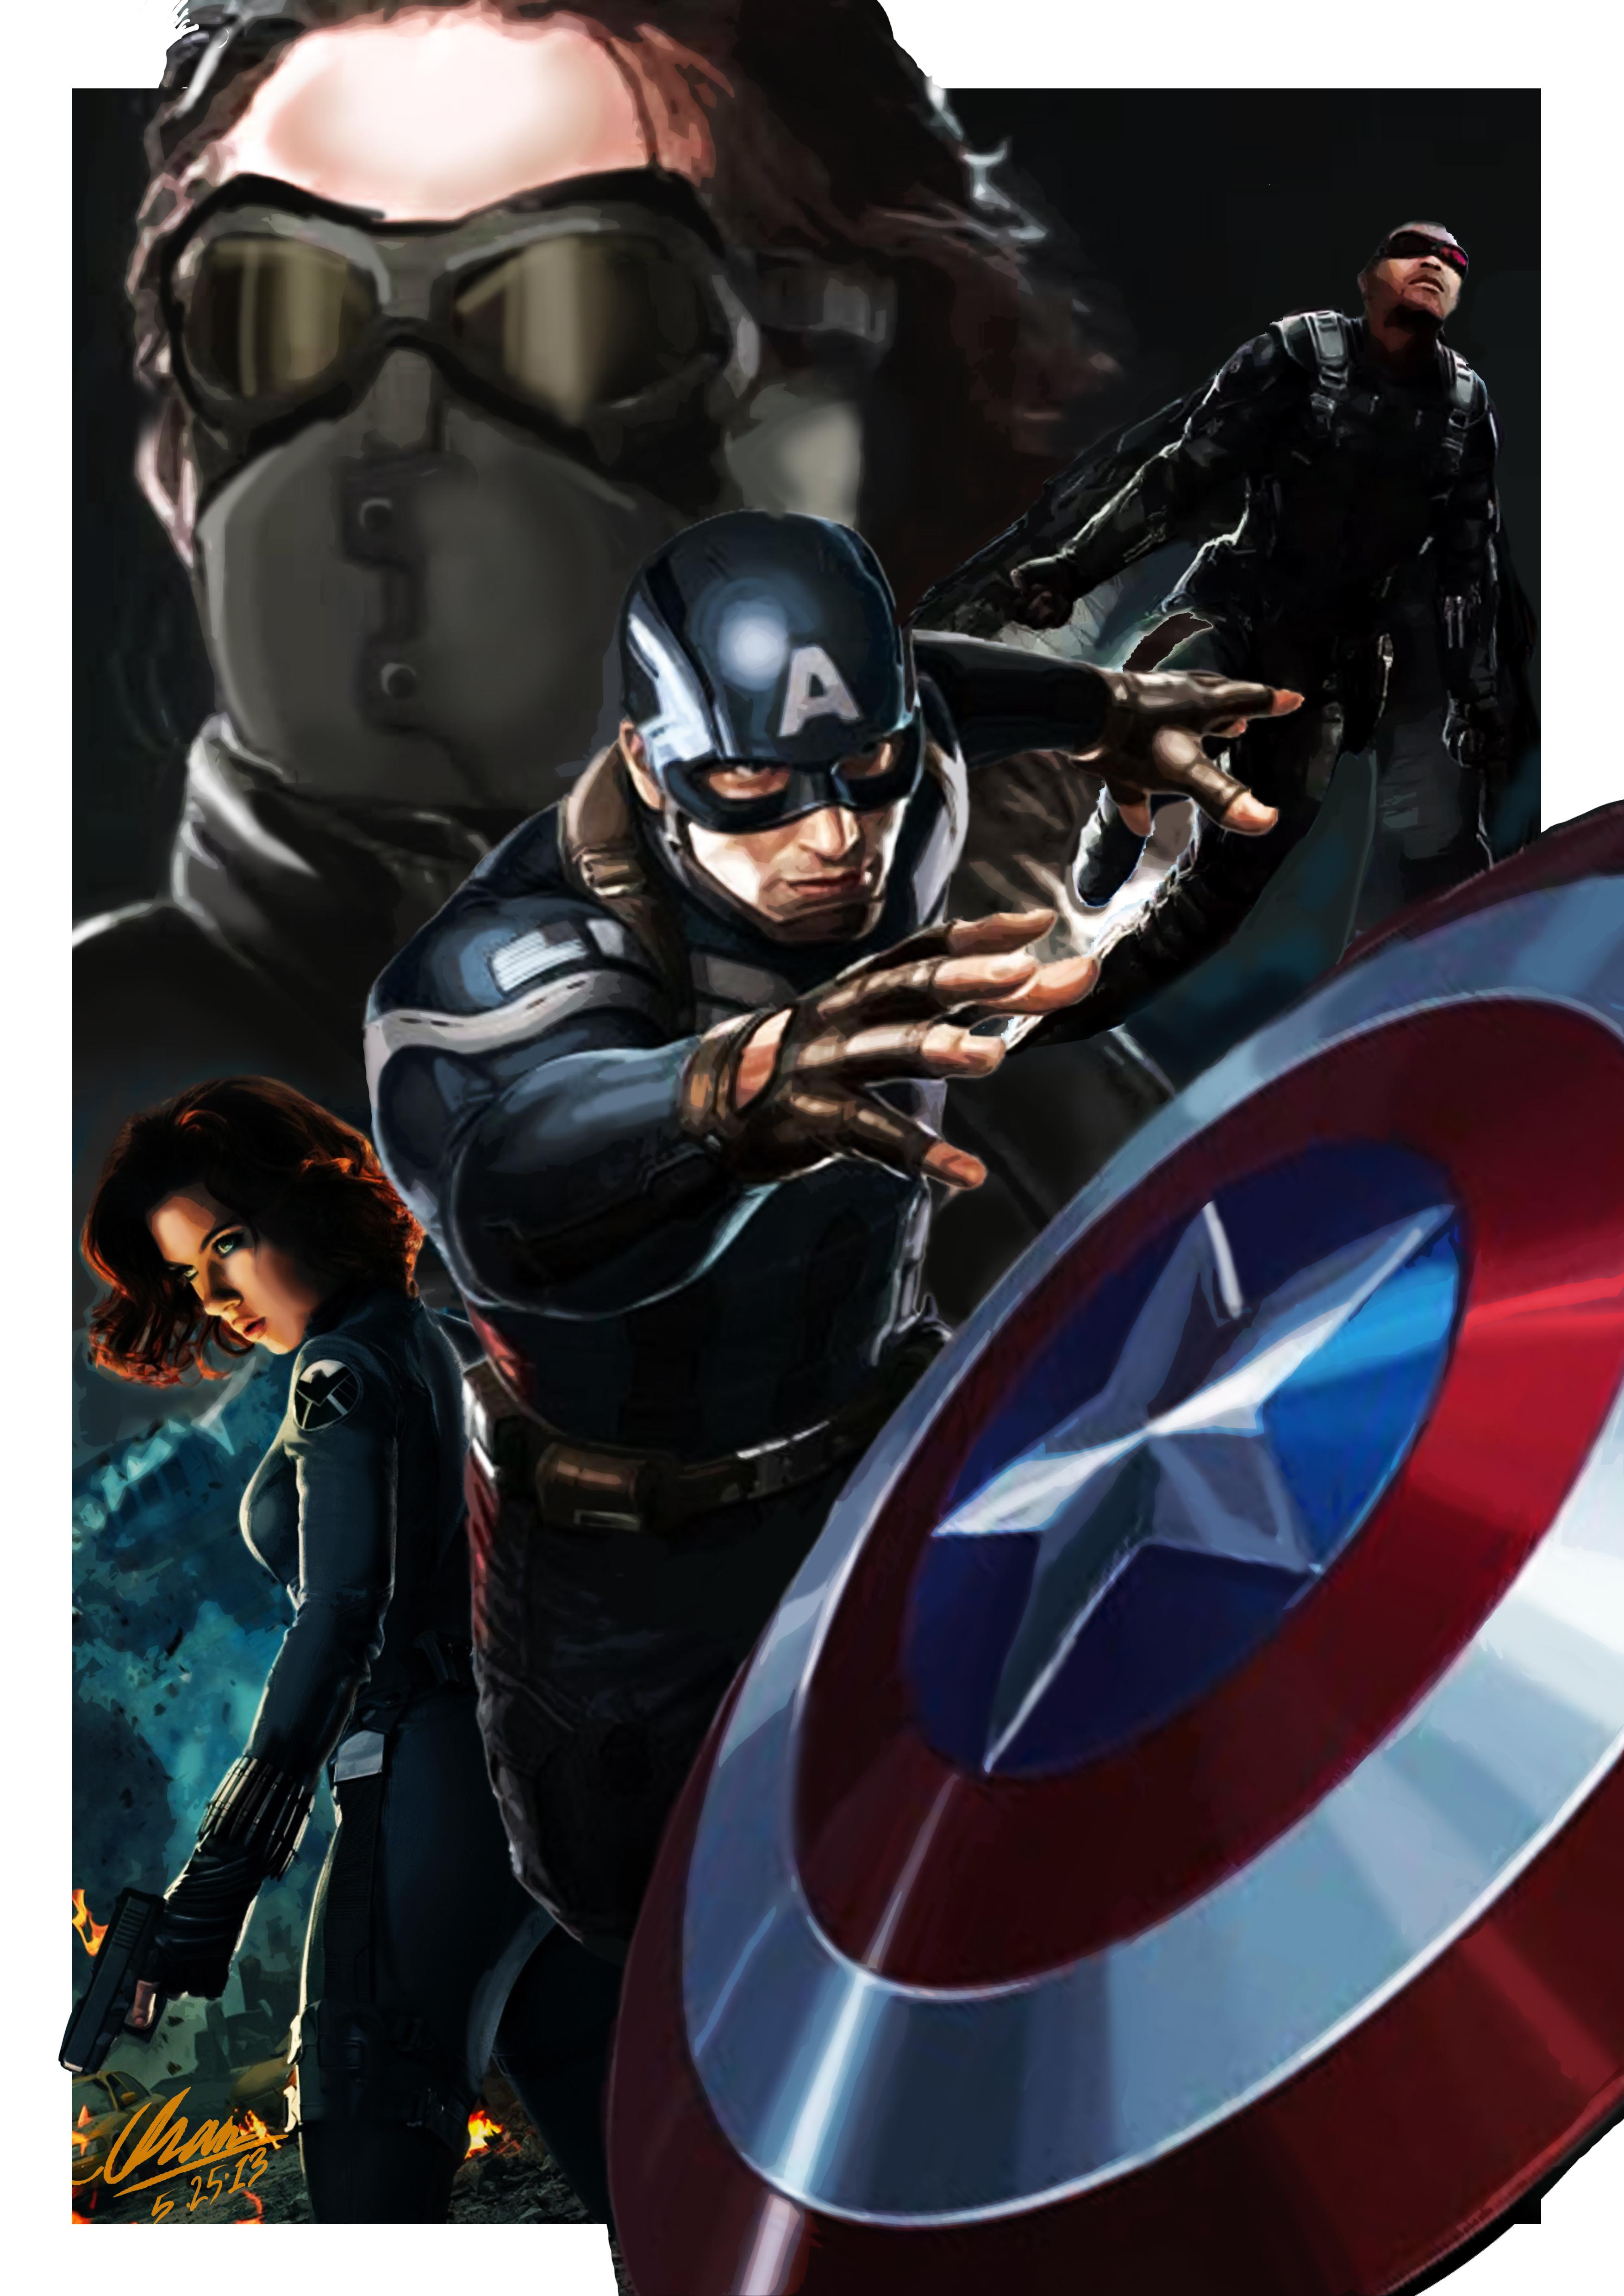 Captain America: Winter Soldier (Fan Made) by KururuLabo on DeviantArt